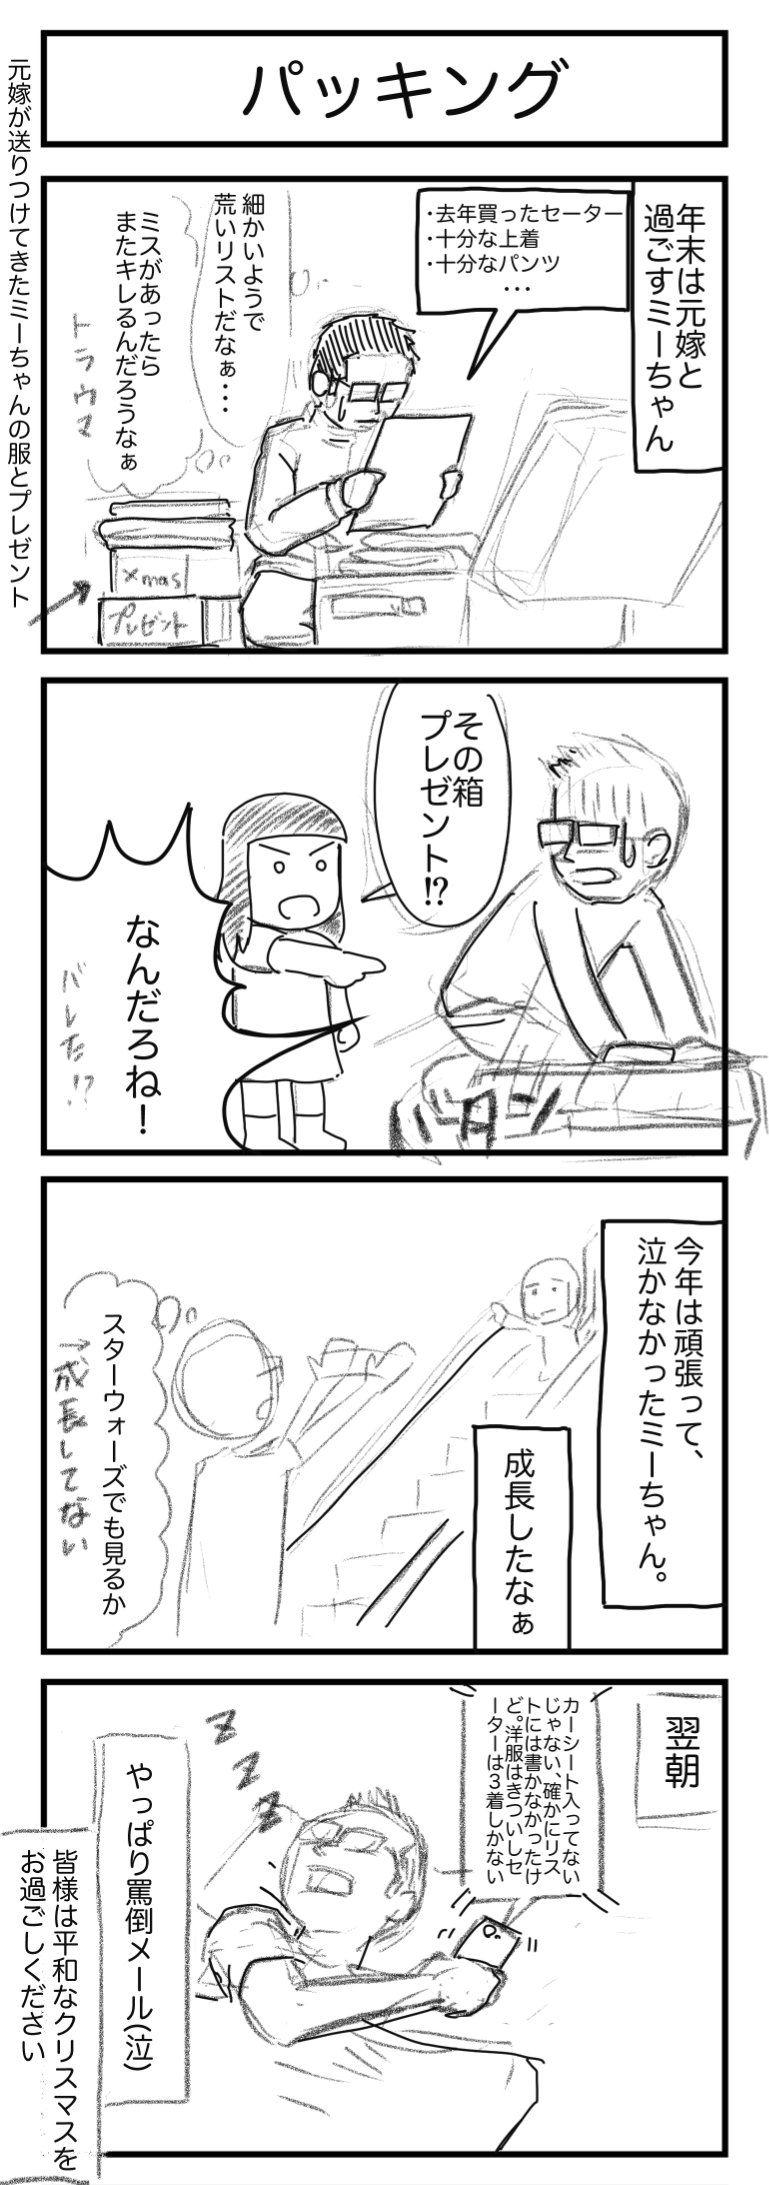 036_パッキング